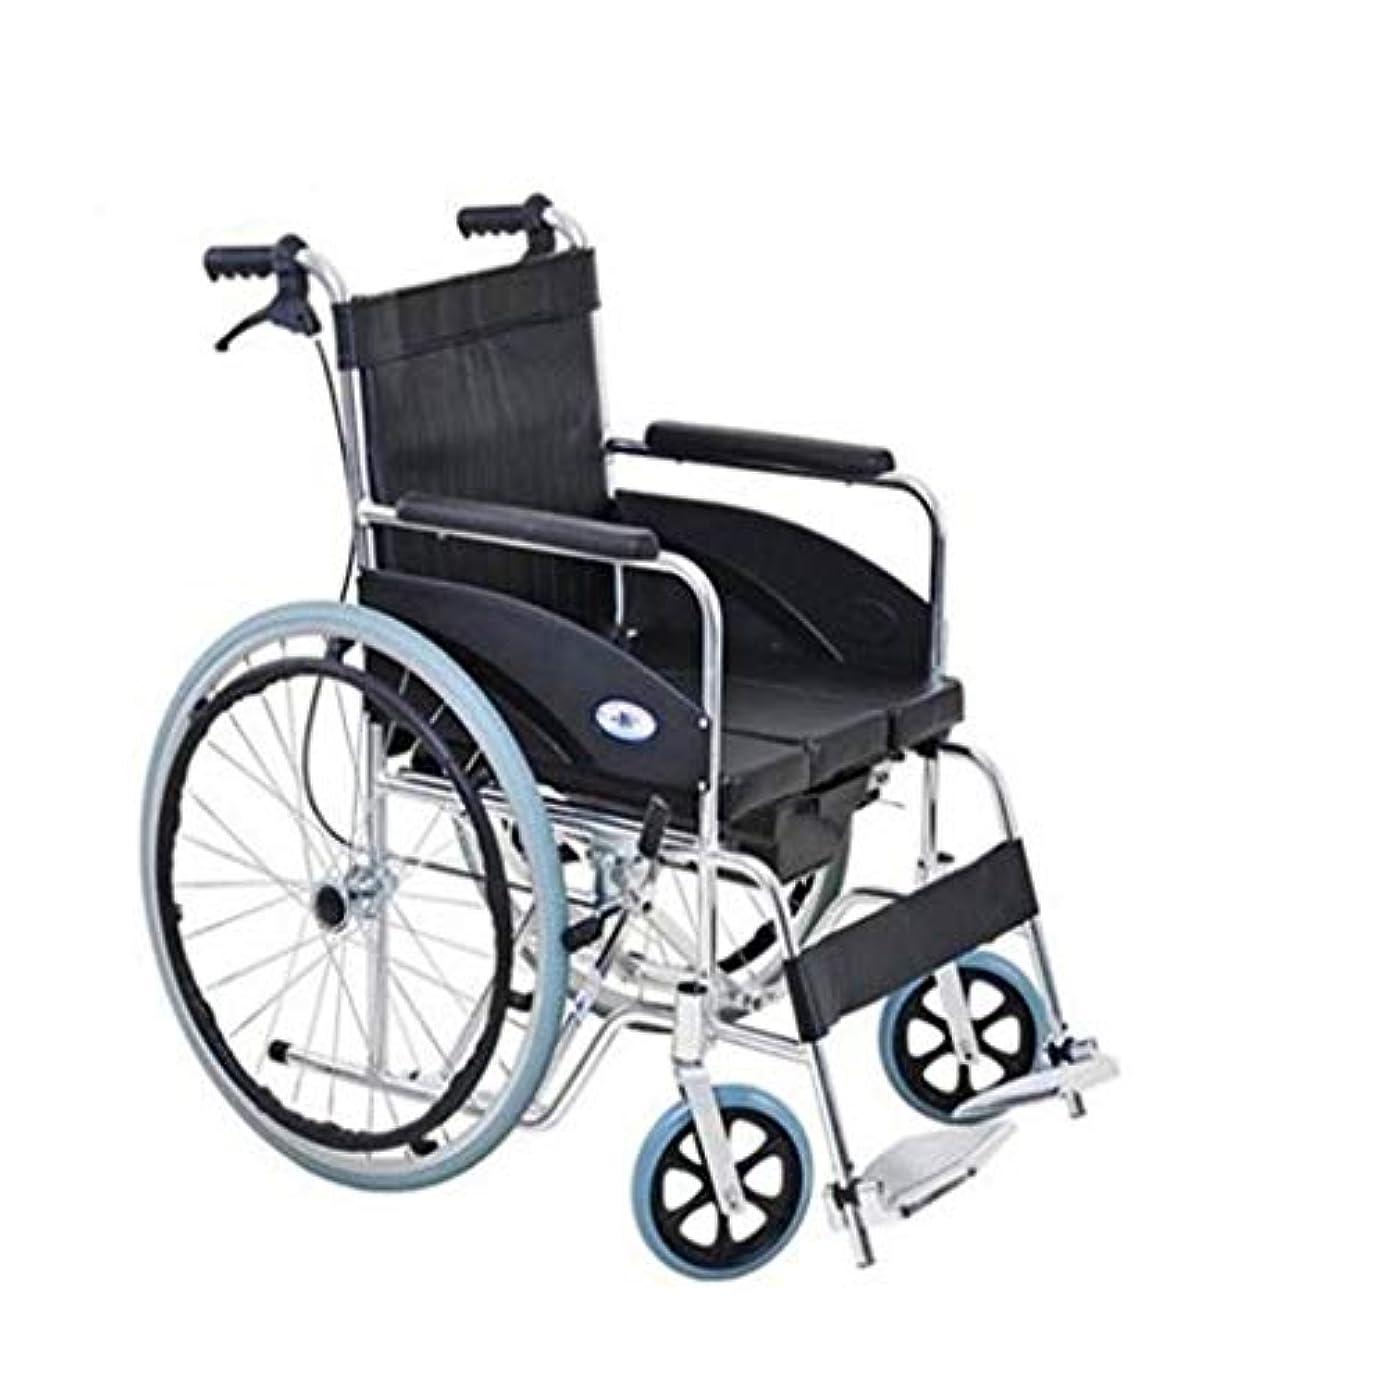 ジャンプこれら彫刻家車椅子トロリー多機能安全ブレーキ、折りたたみ式軽量アルミニウム合金、高齢者障害者用屋外プッシュ車椅子